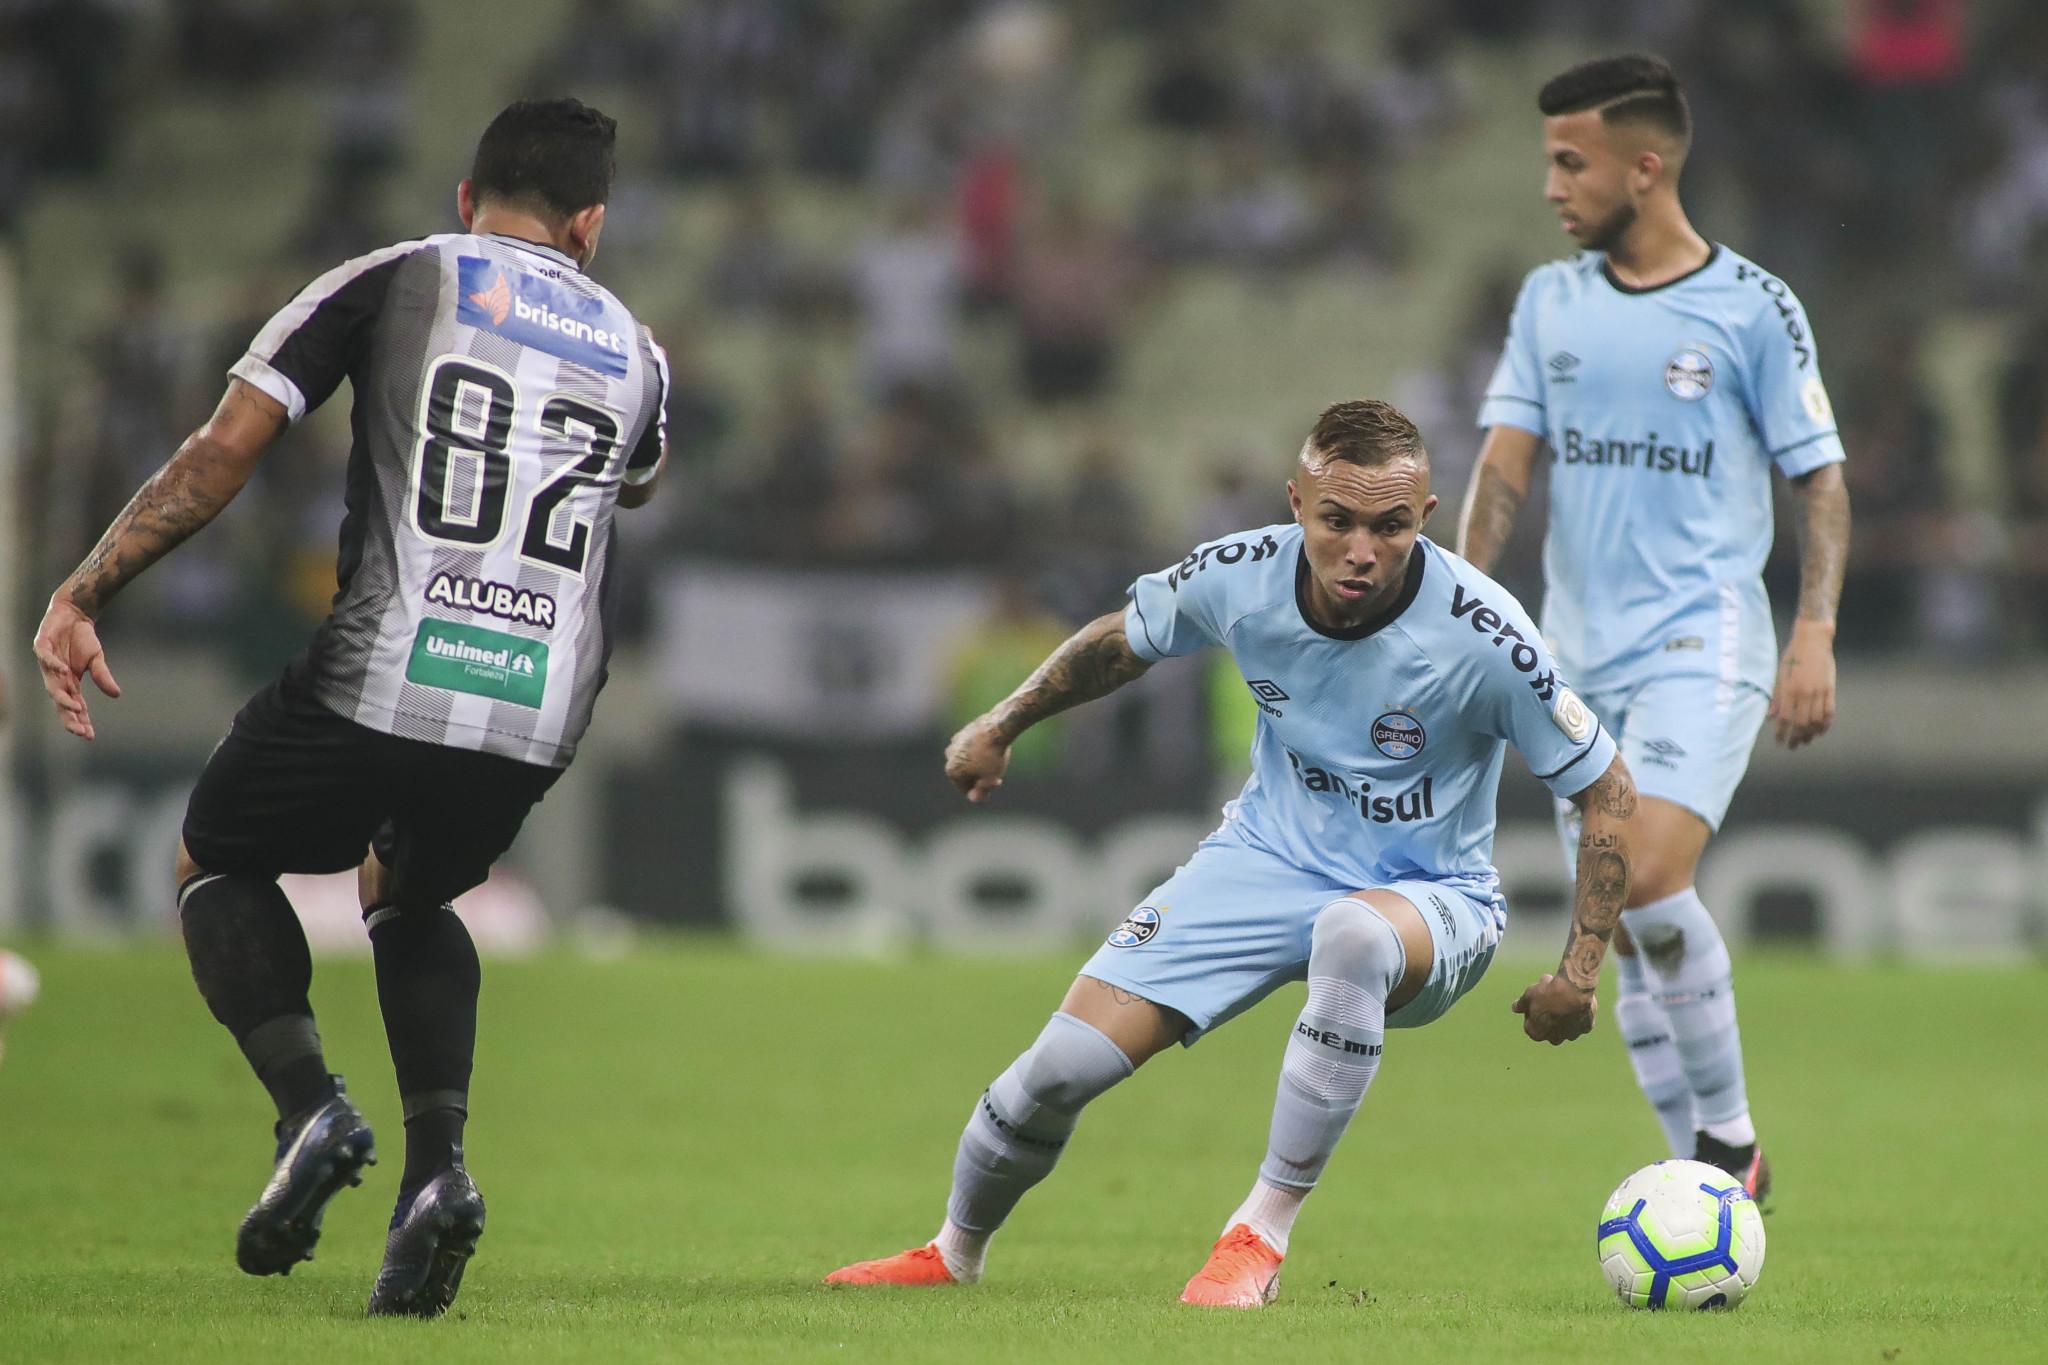 Campeonato Brasileiro: Ceará  bate o Grêmio, sobe na tabela e amplia jejum do Grêmio.